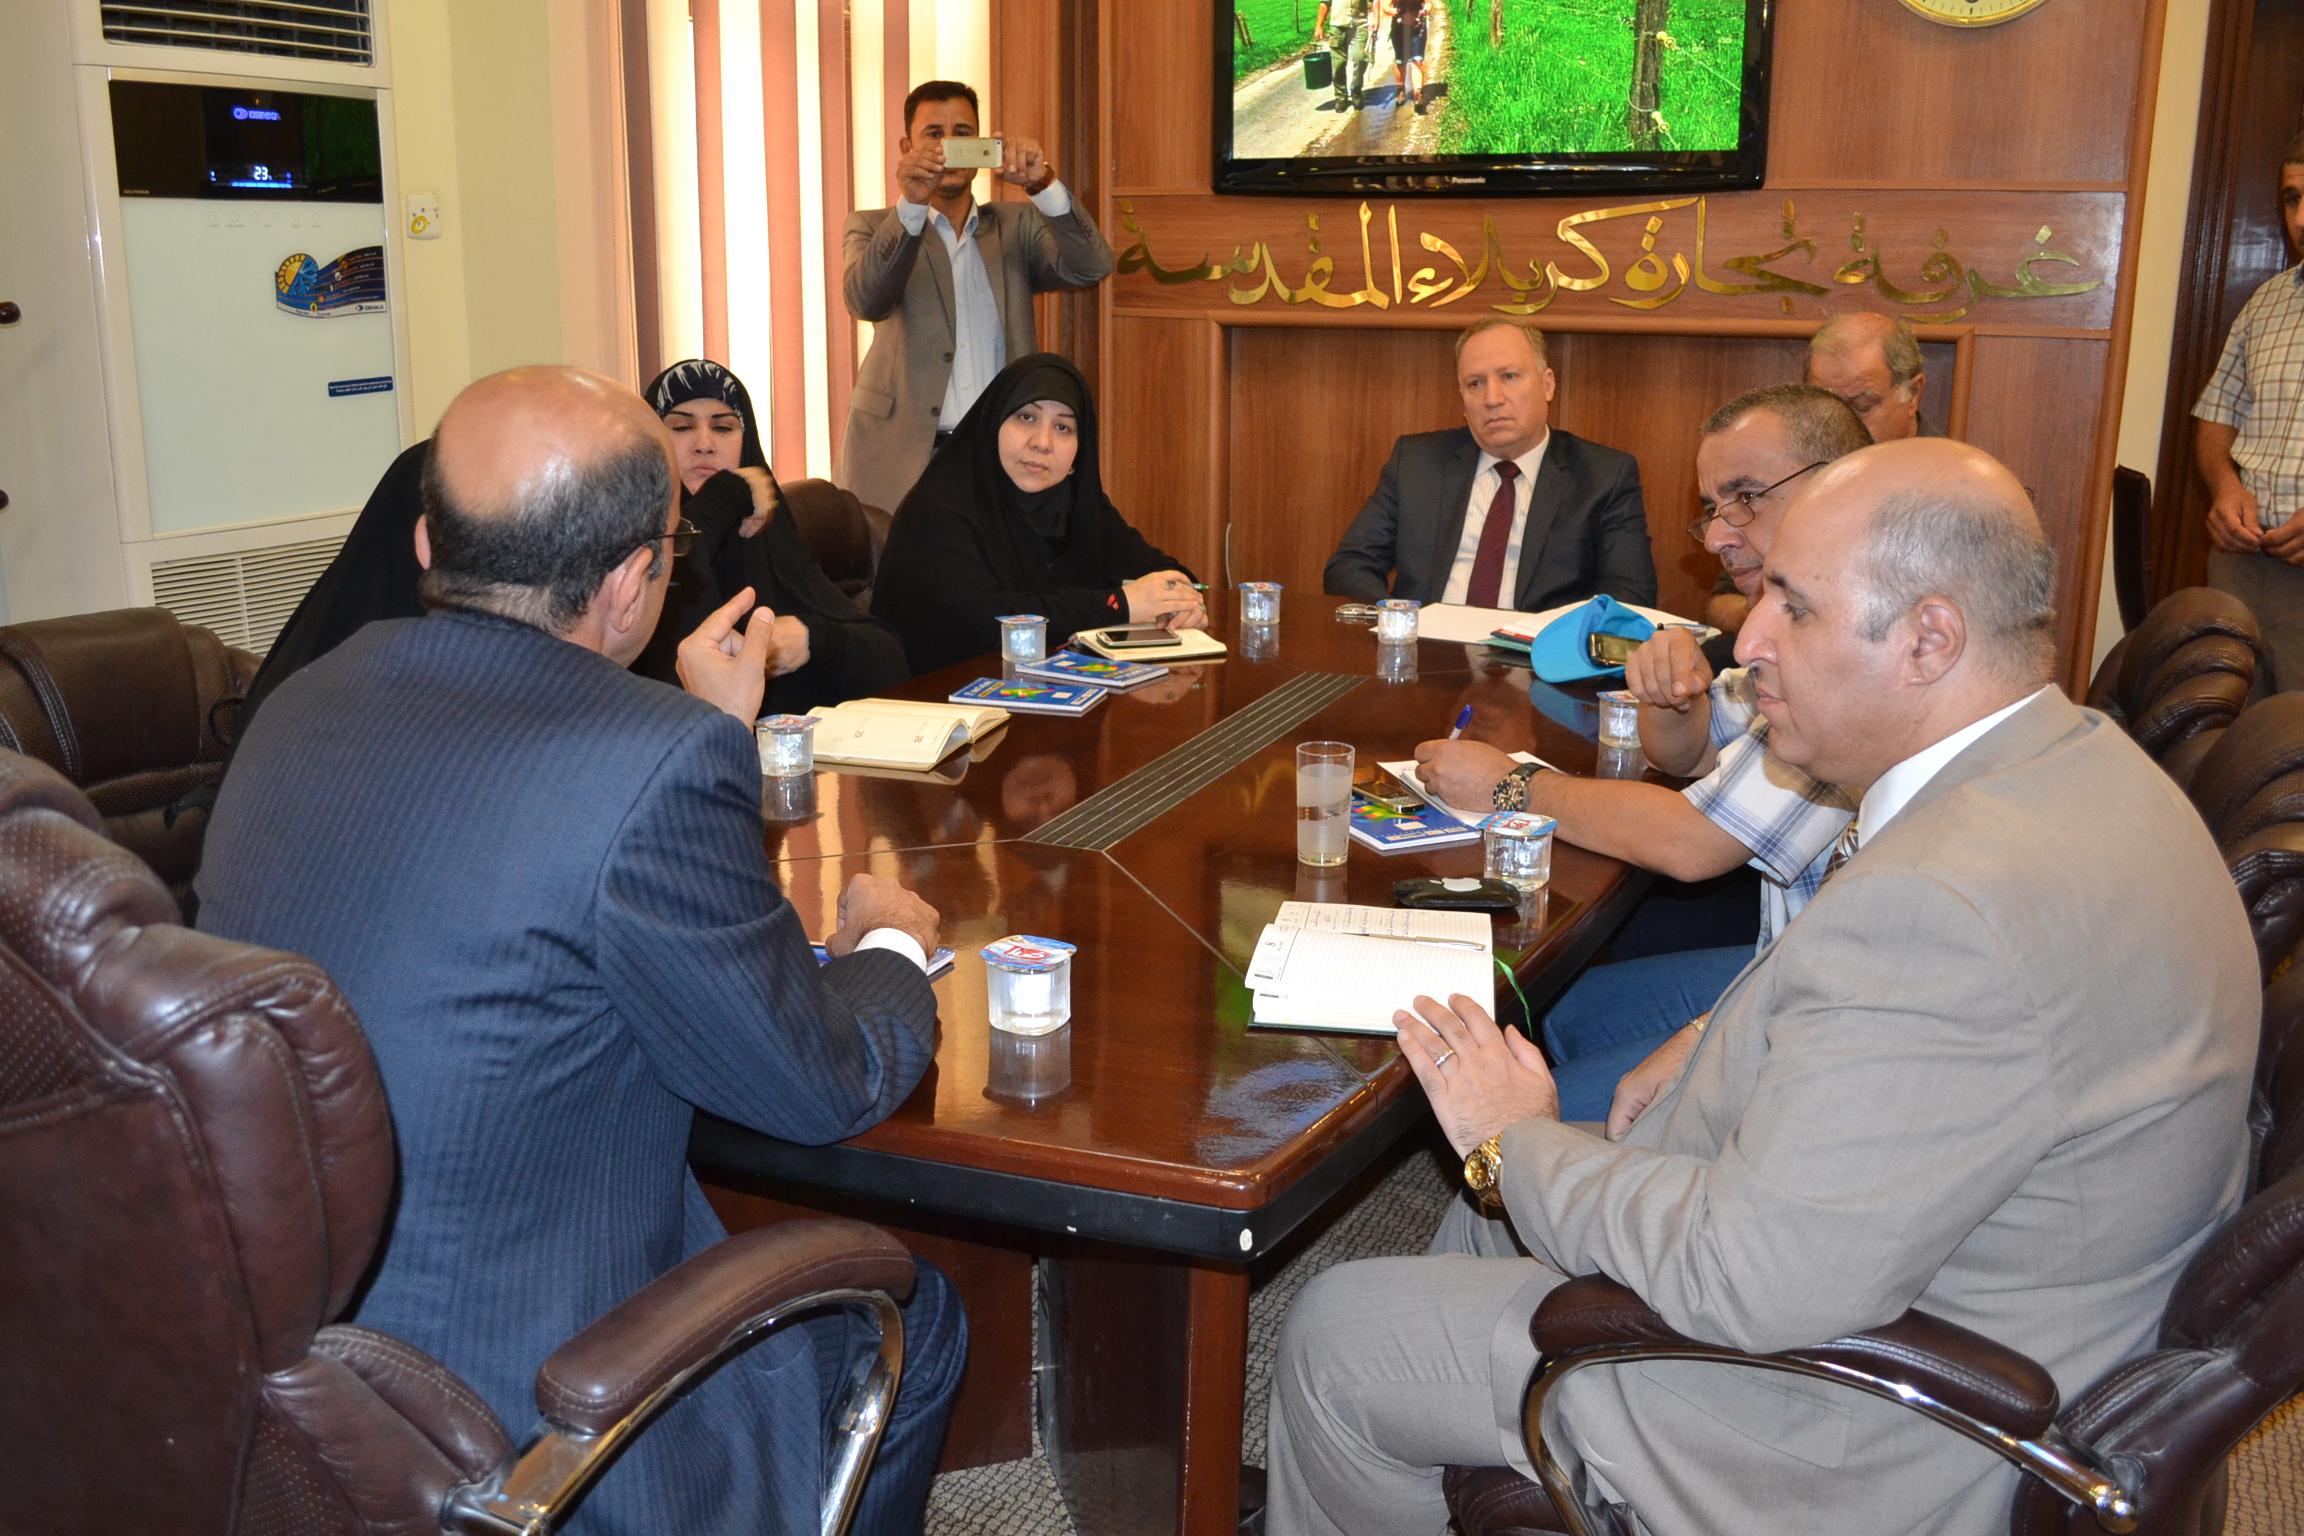 دعما لجهود الحكومة المحلية والمنظمات الدولية غرفة تجارة كربلاء تشكل خلية ازمة لإغاثة النازحين